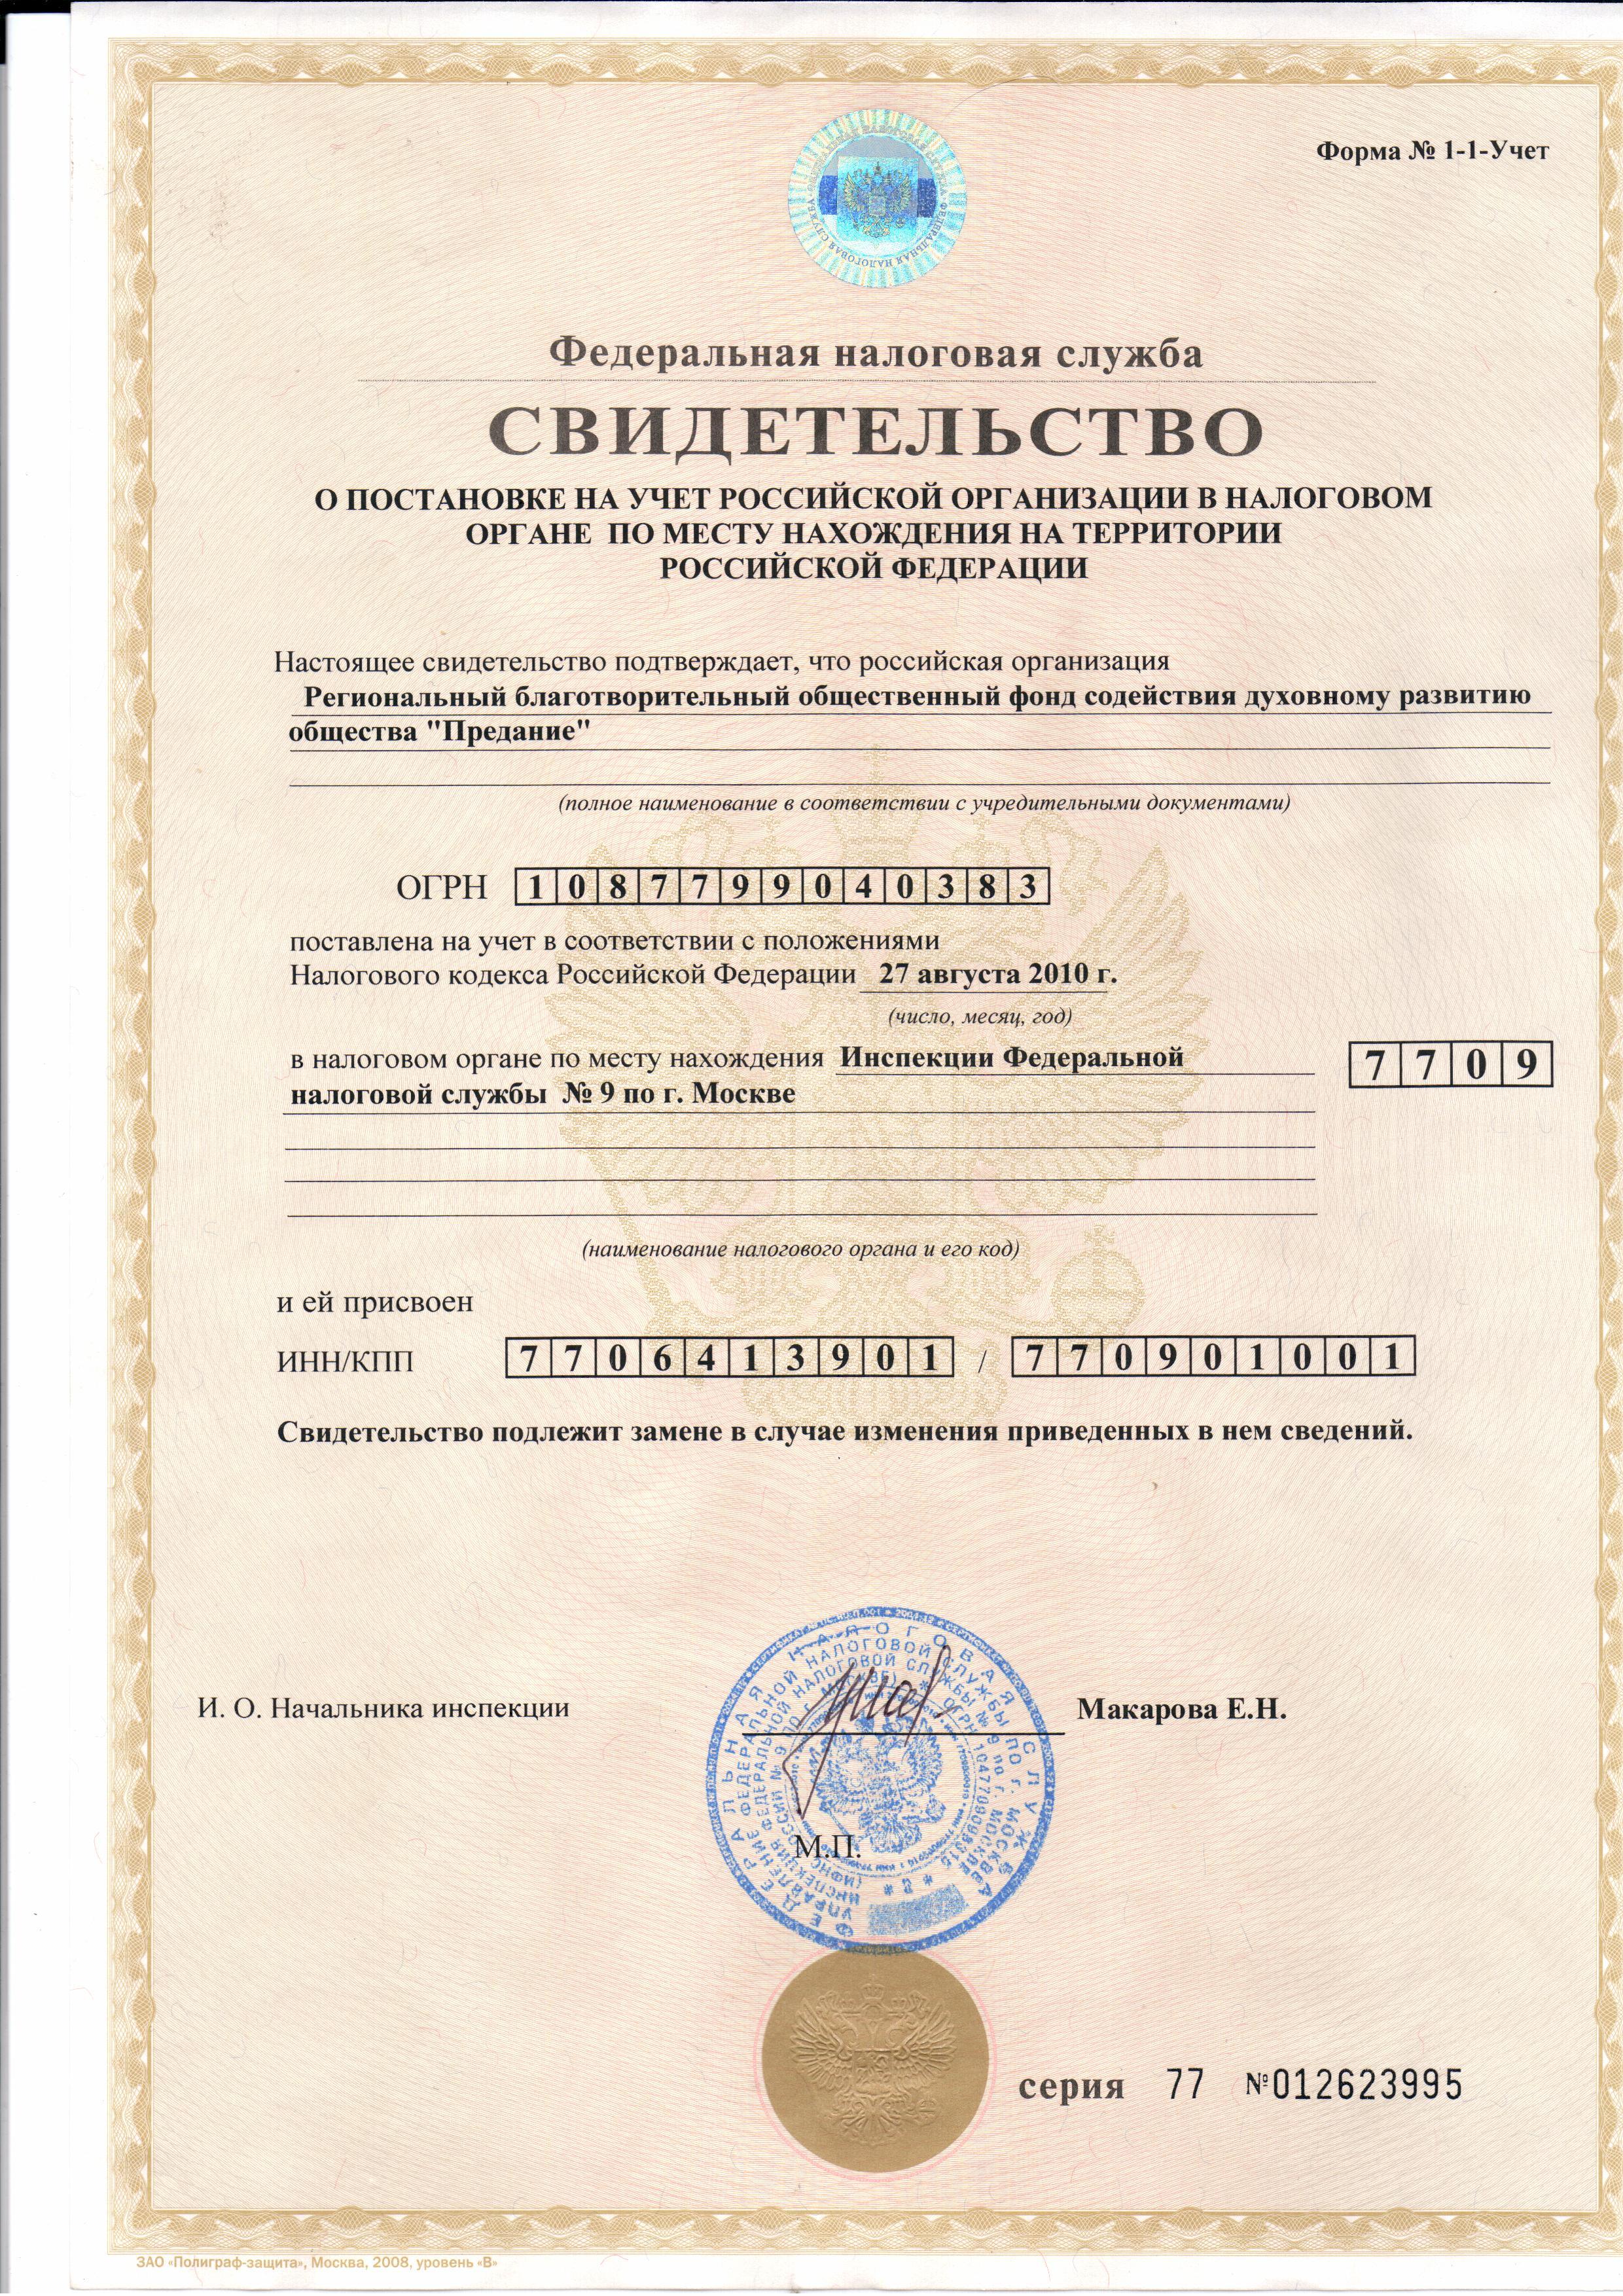 Положение о порядке организации эксплуатации лифтов в российской федерации статус